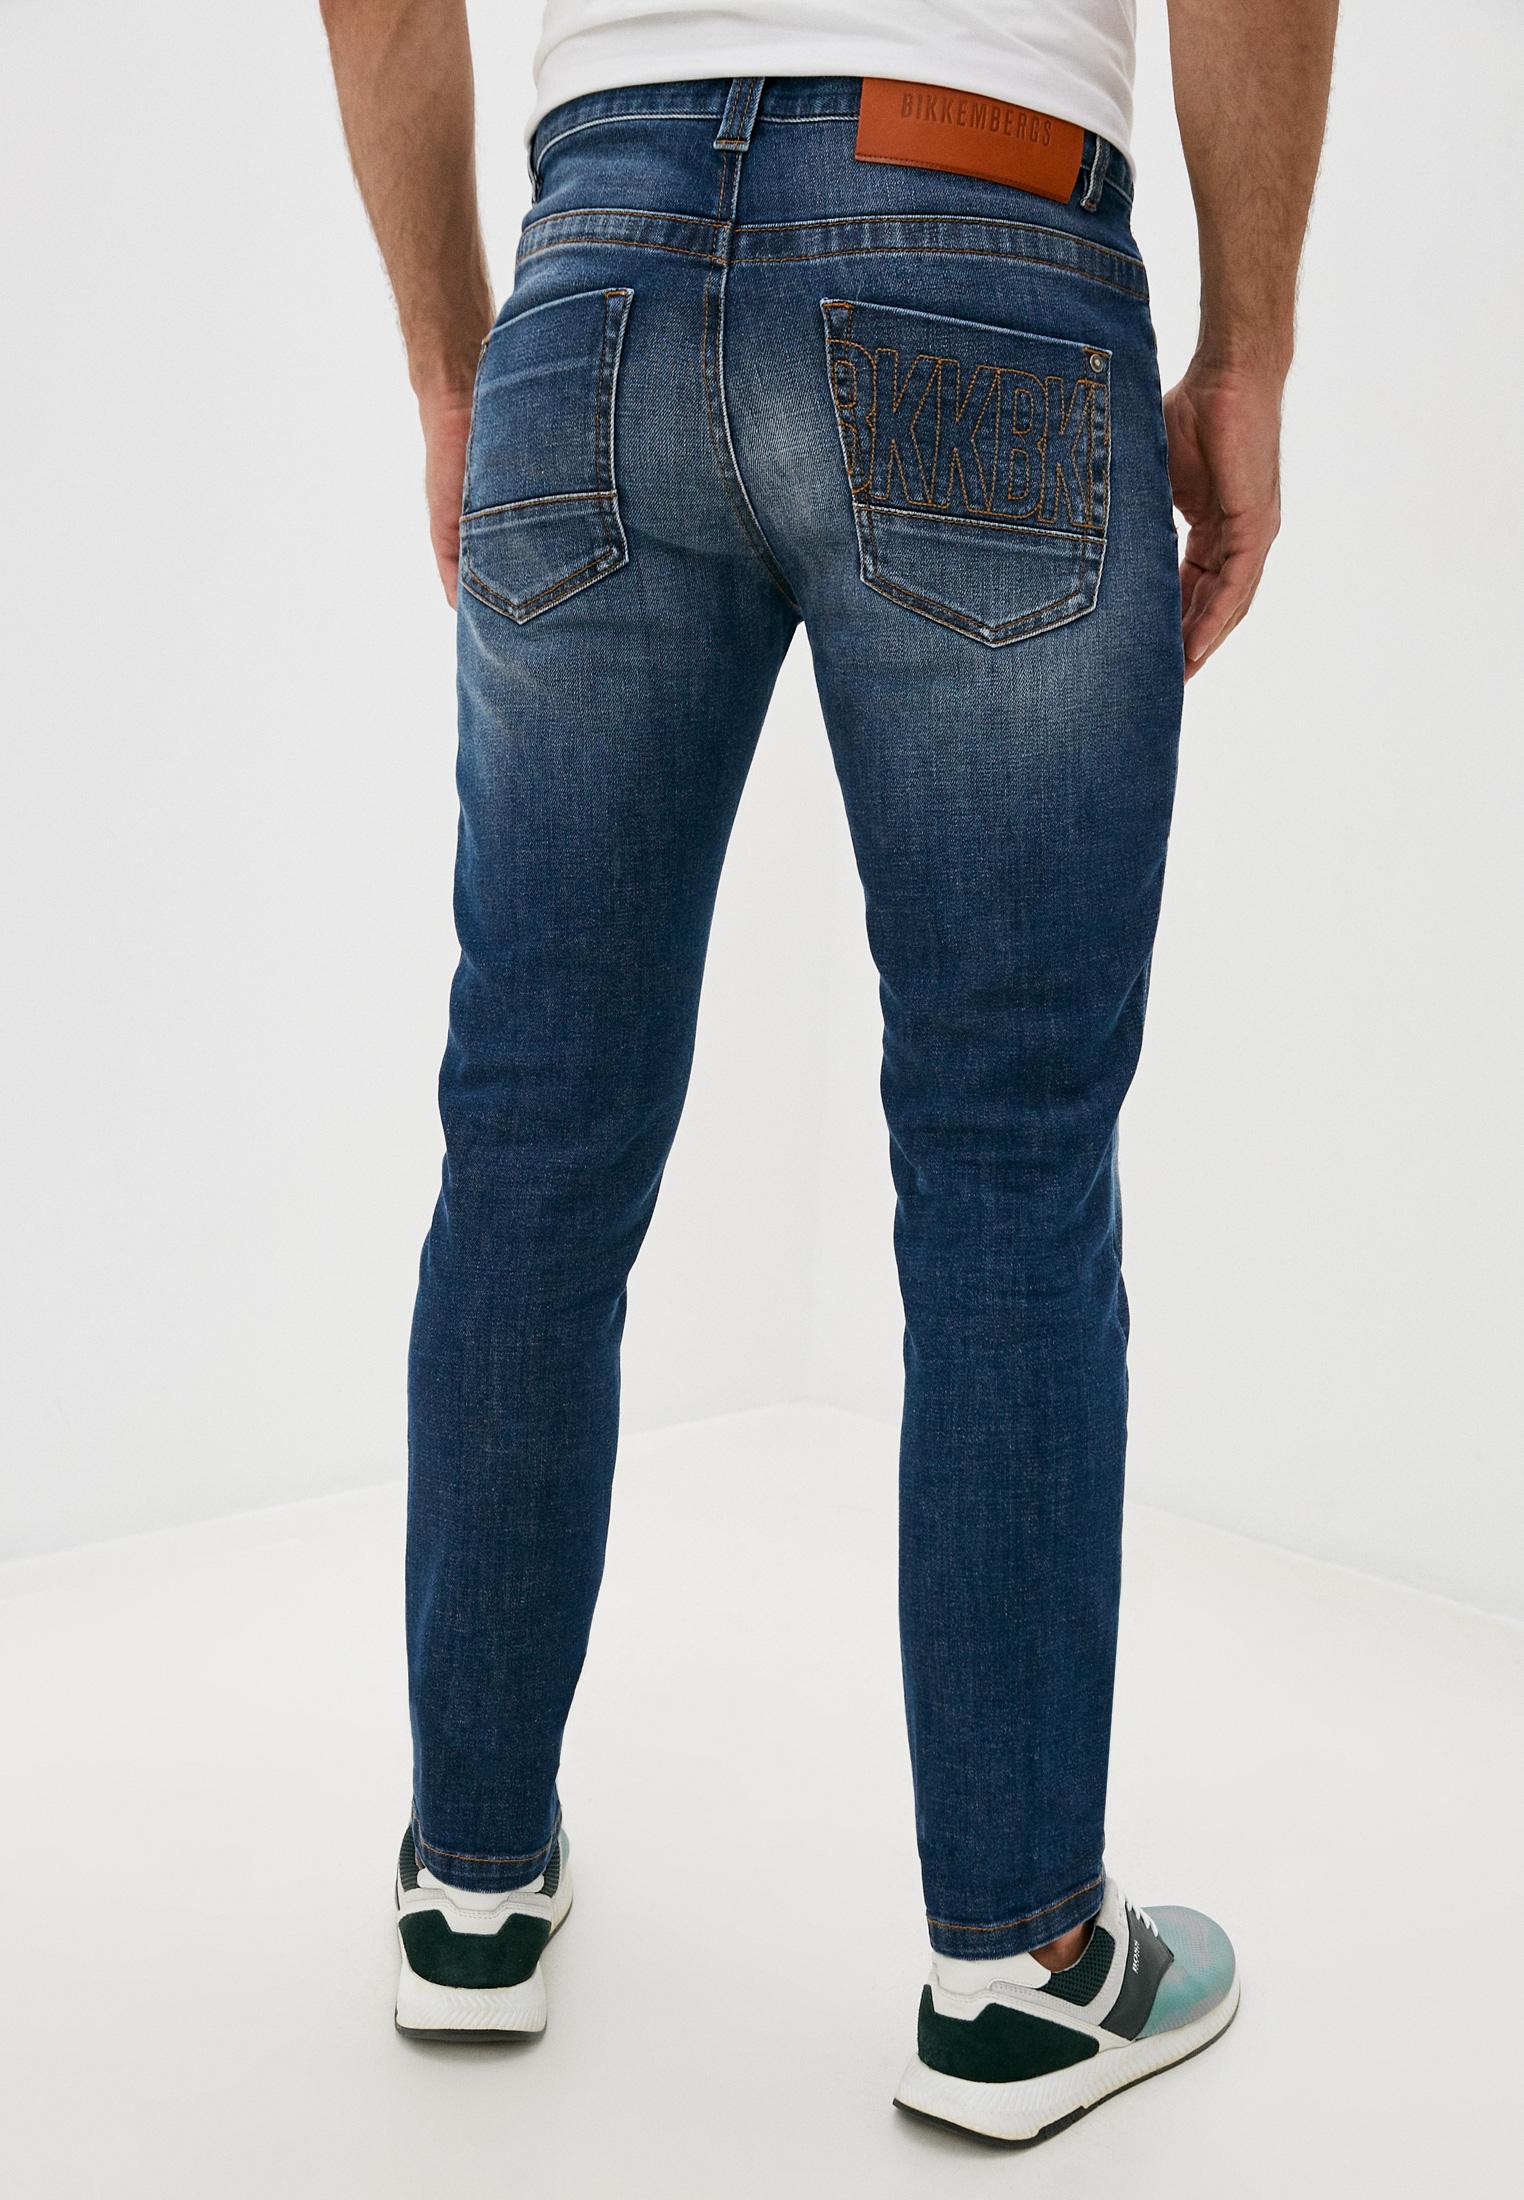 Мужские прямые джинсы Bikkembergs (Биккембергс) C Q 101 17 S 3393: изображение 4